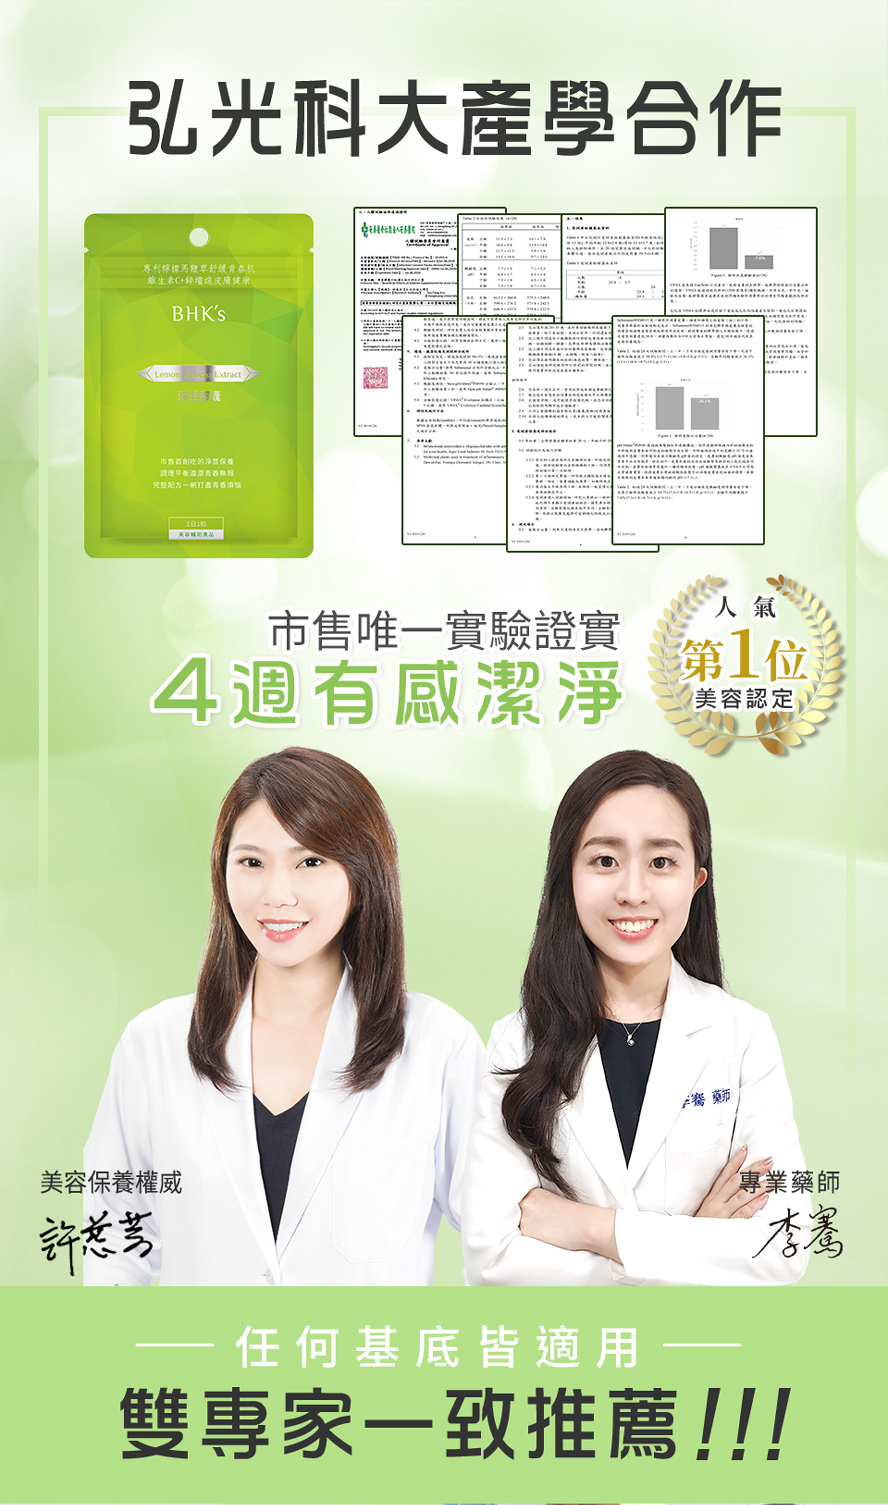 BHK's淨荳膠囊是專利檸檬馬鞭草萃取,全身性抗痘,潔淨調節NO.1。